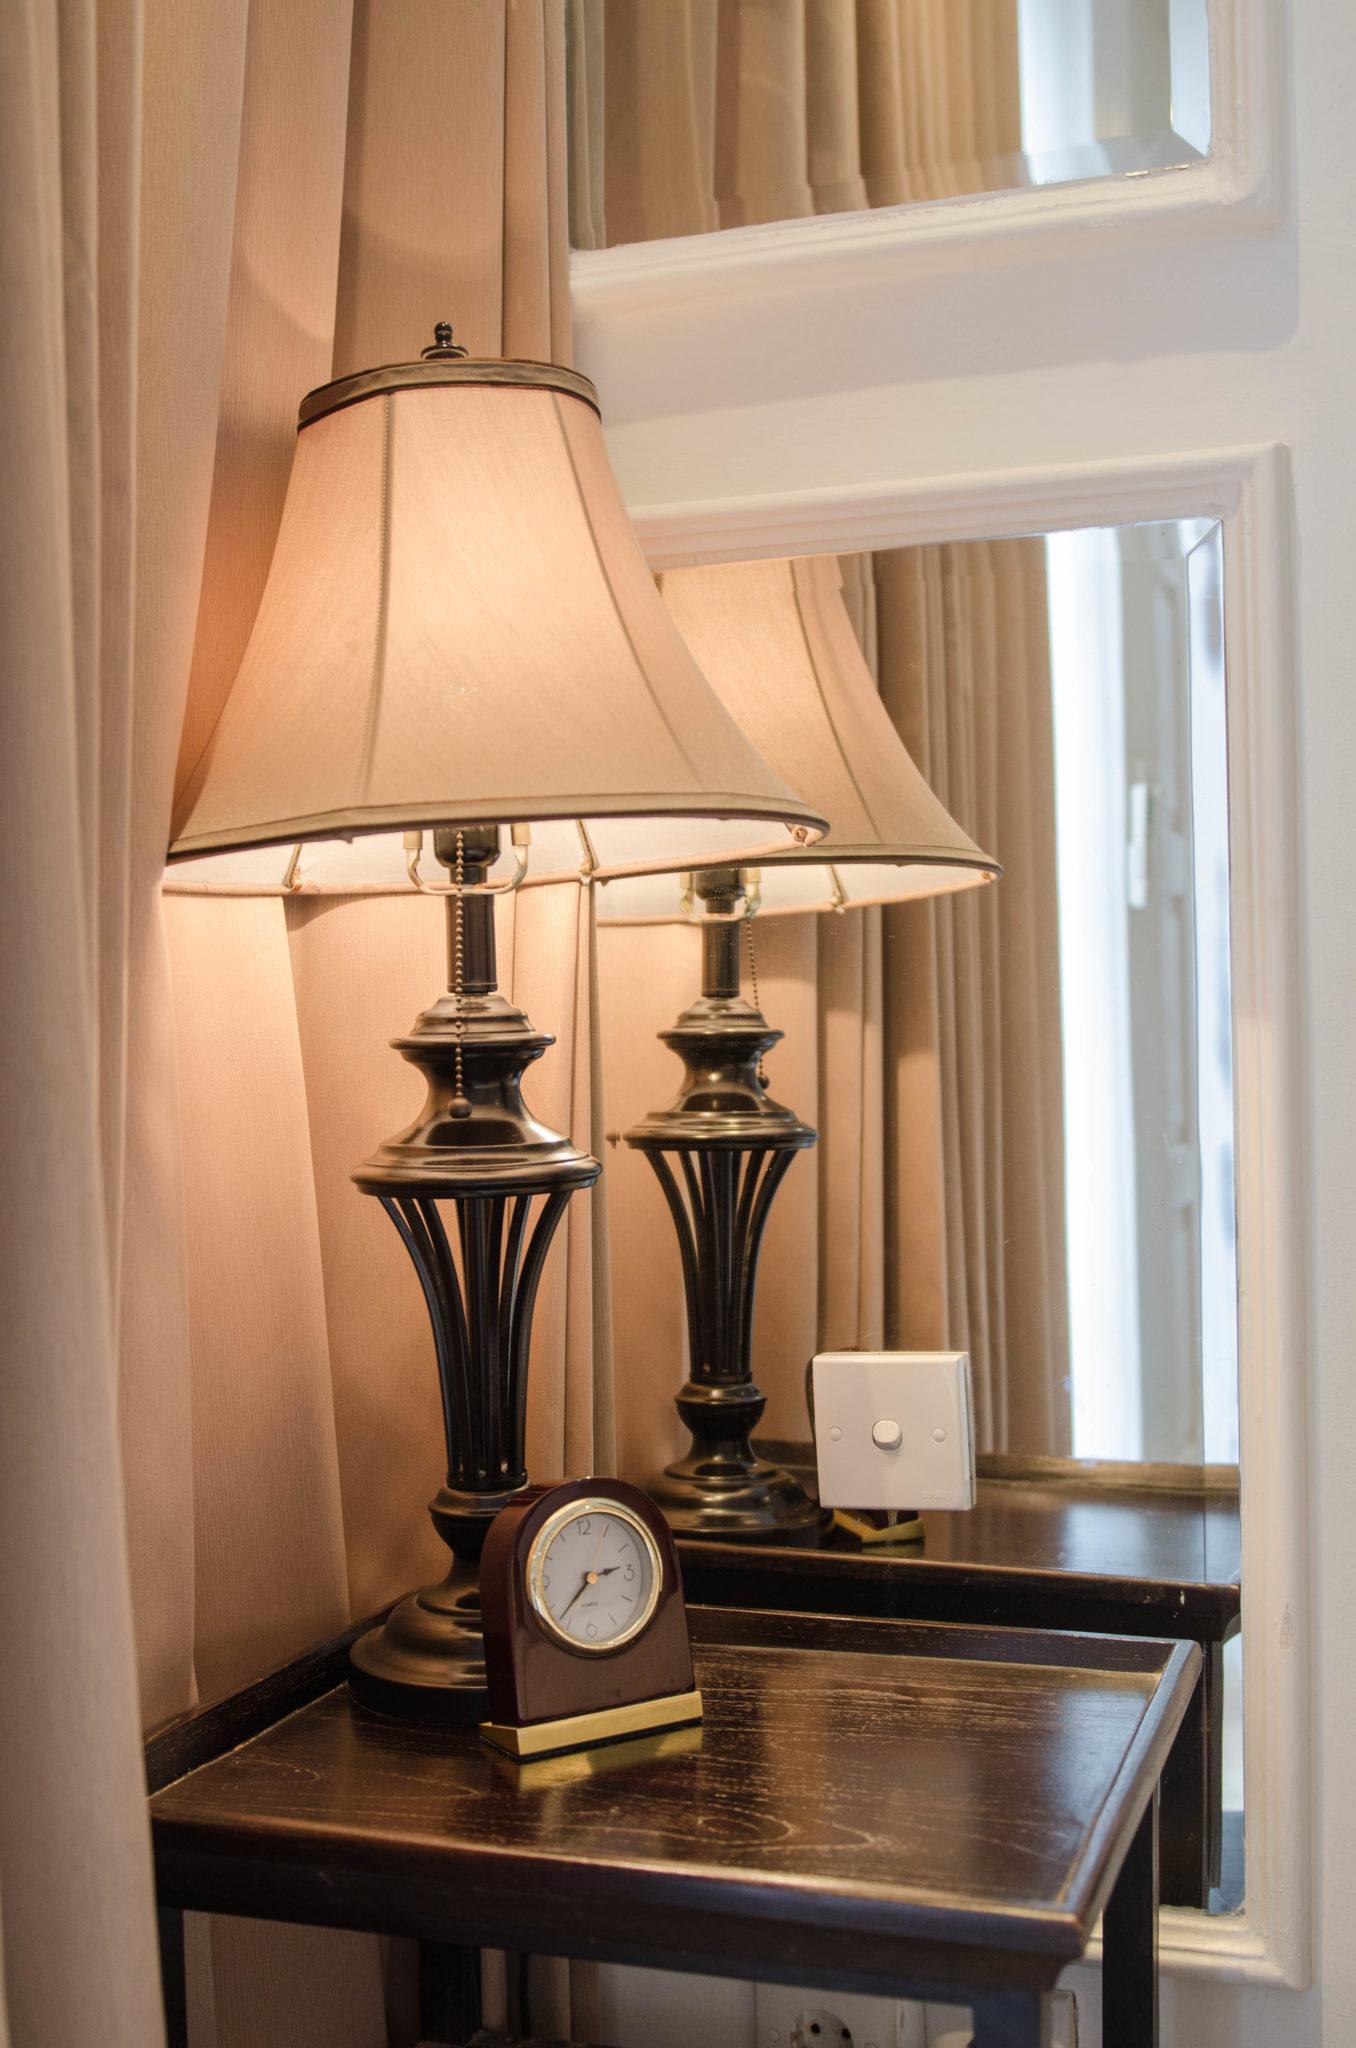 Eine altmodische Lampe.